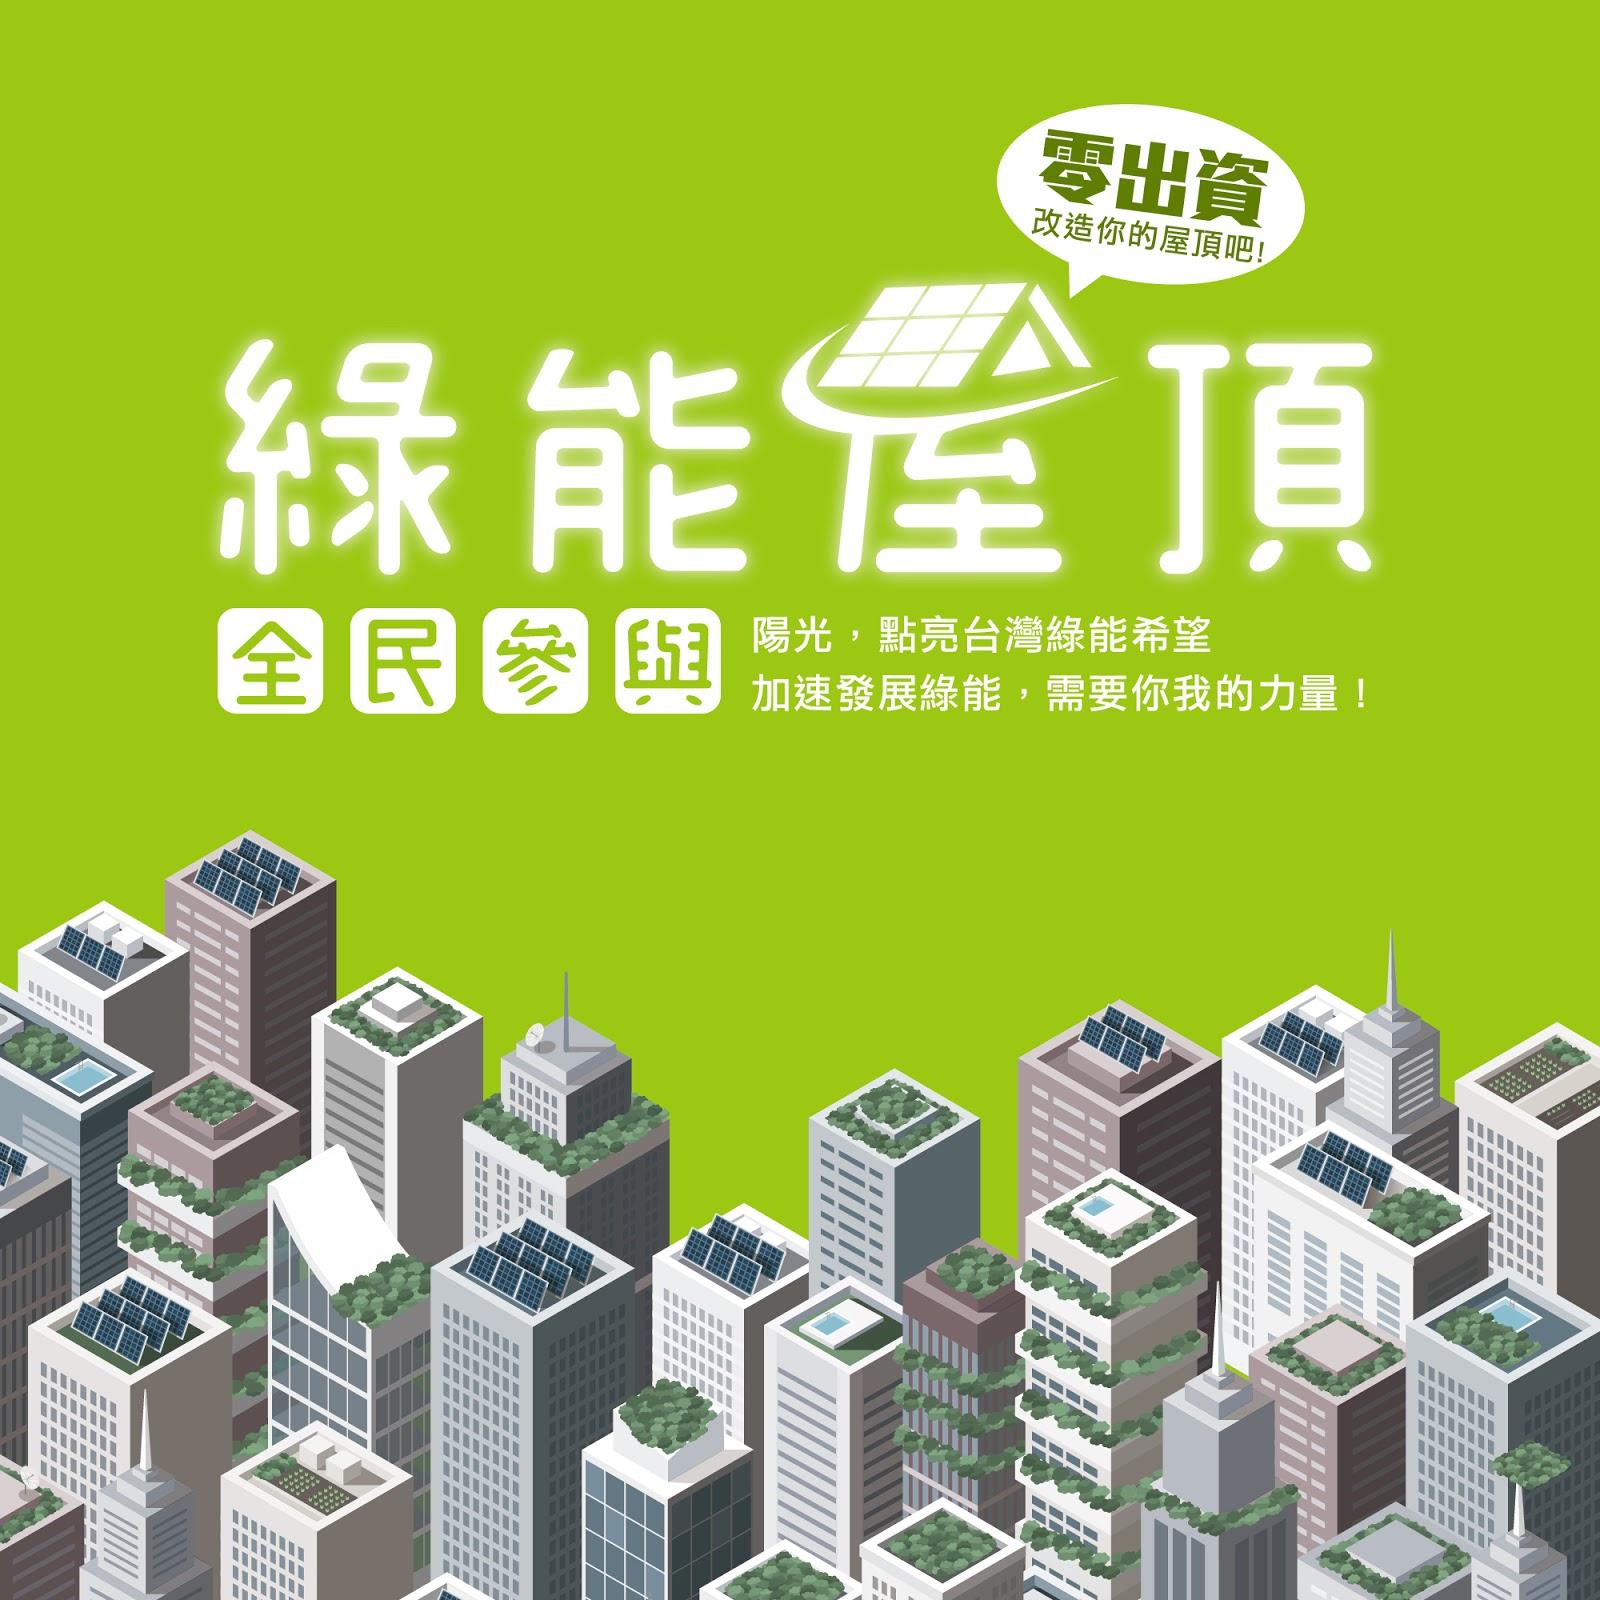 陽光,點亮綠能希望─綠能屋頂●全民參與